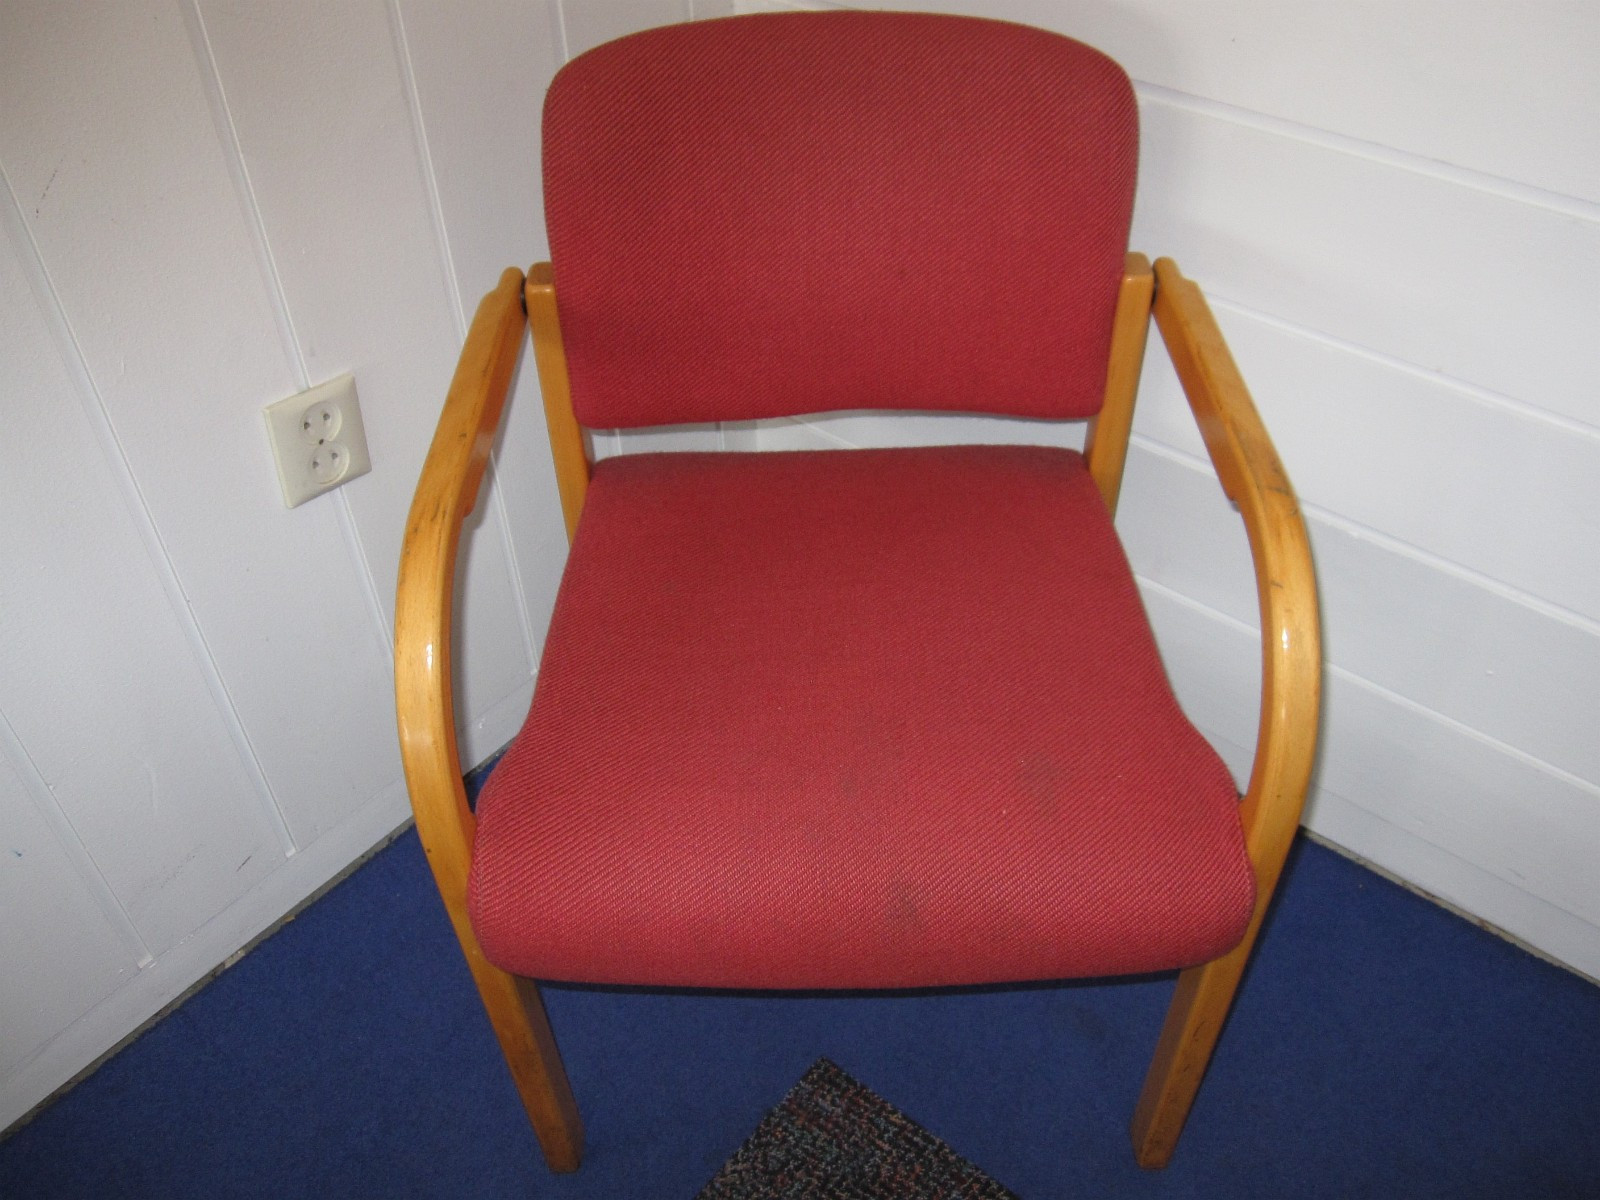 37 Stoler - Jondal  - 37 stoler, brukt, henter fra Jondal, pris per stk. - Jondal